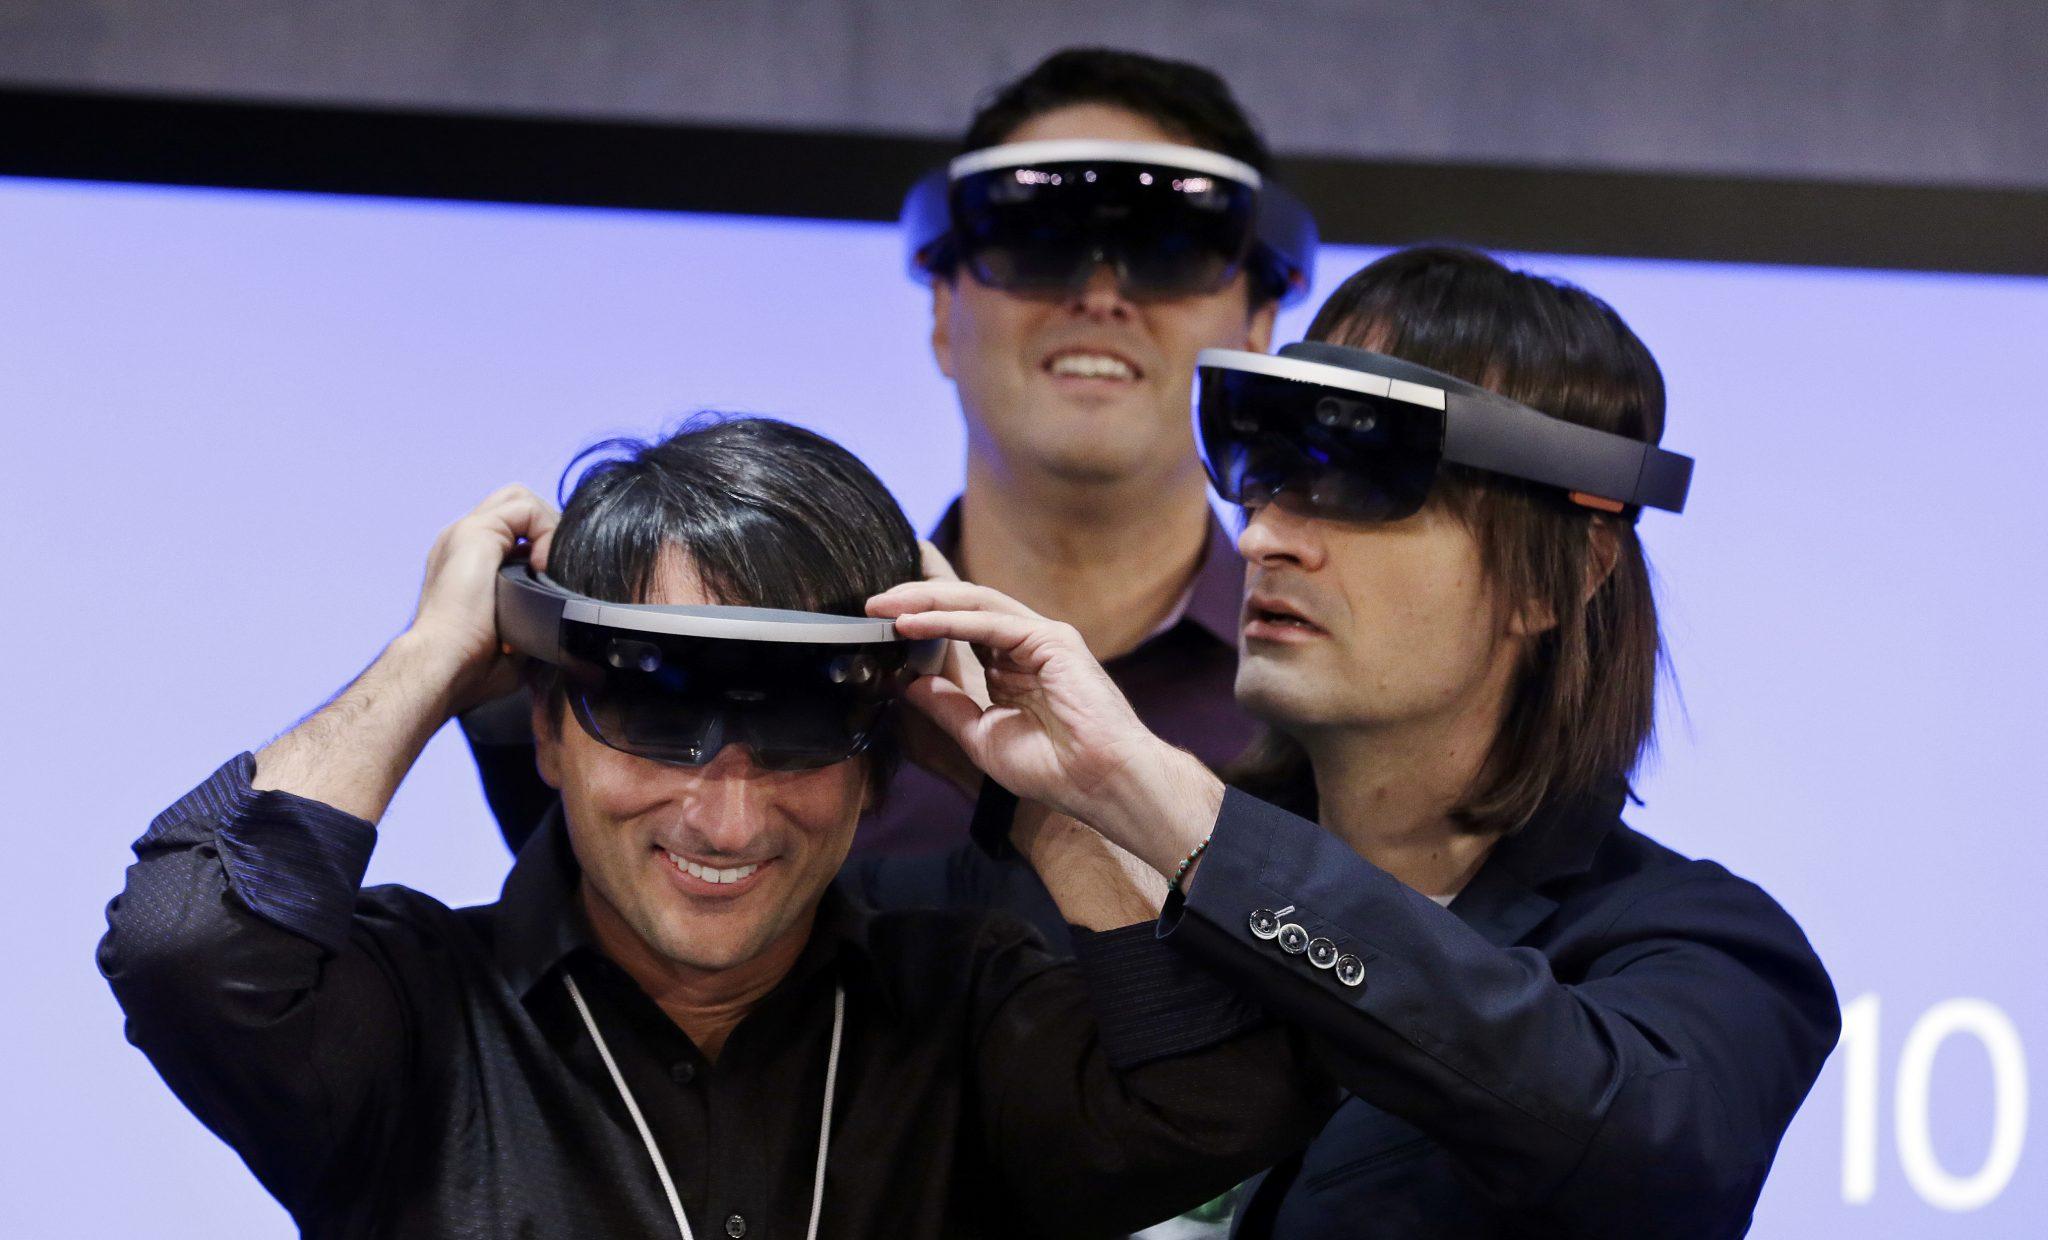 Los creadores de Windows 10 probando Microsoft HoloLens